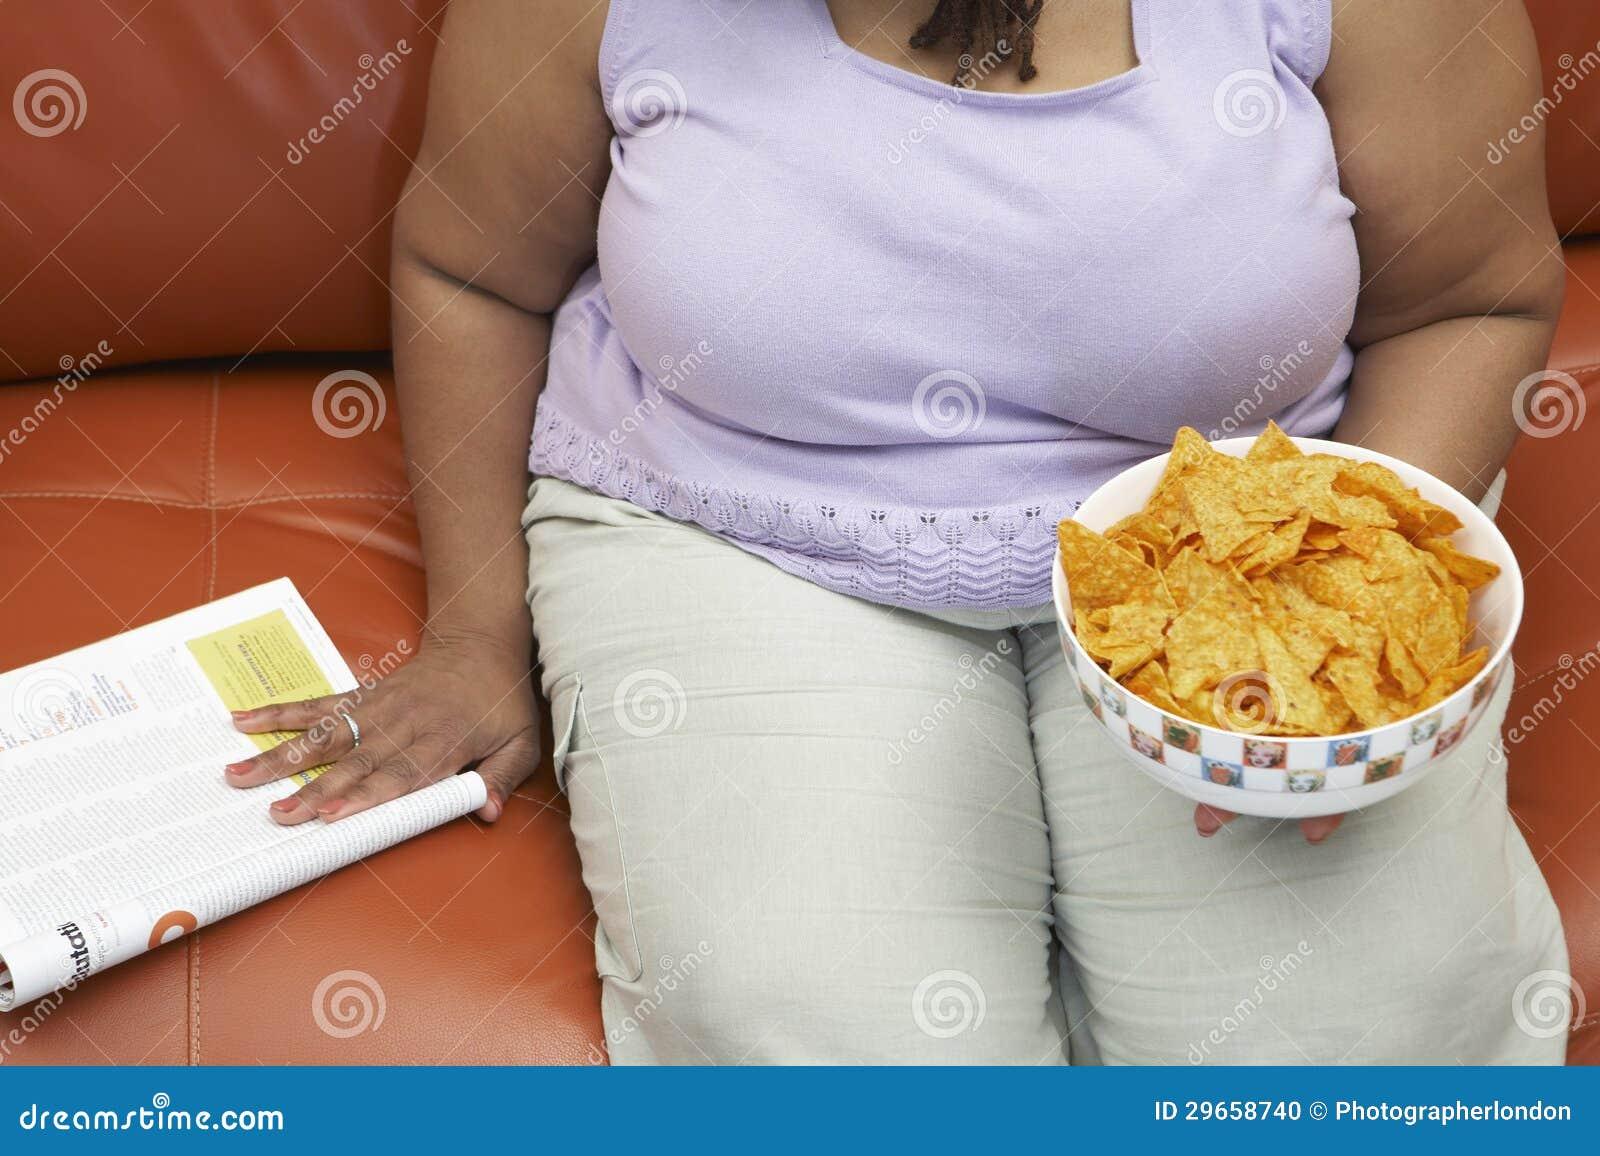 Похудела за неделю на 5 кг - реально ли это?